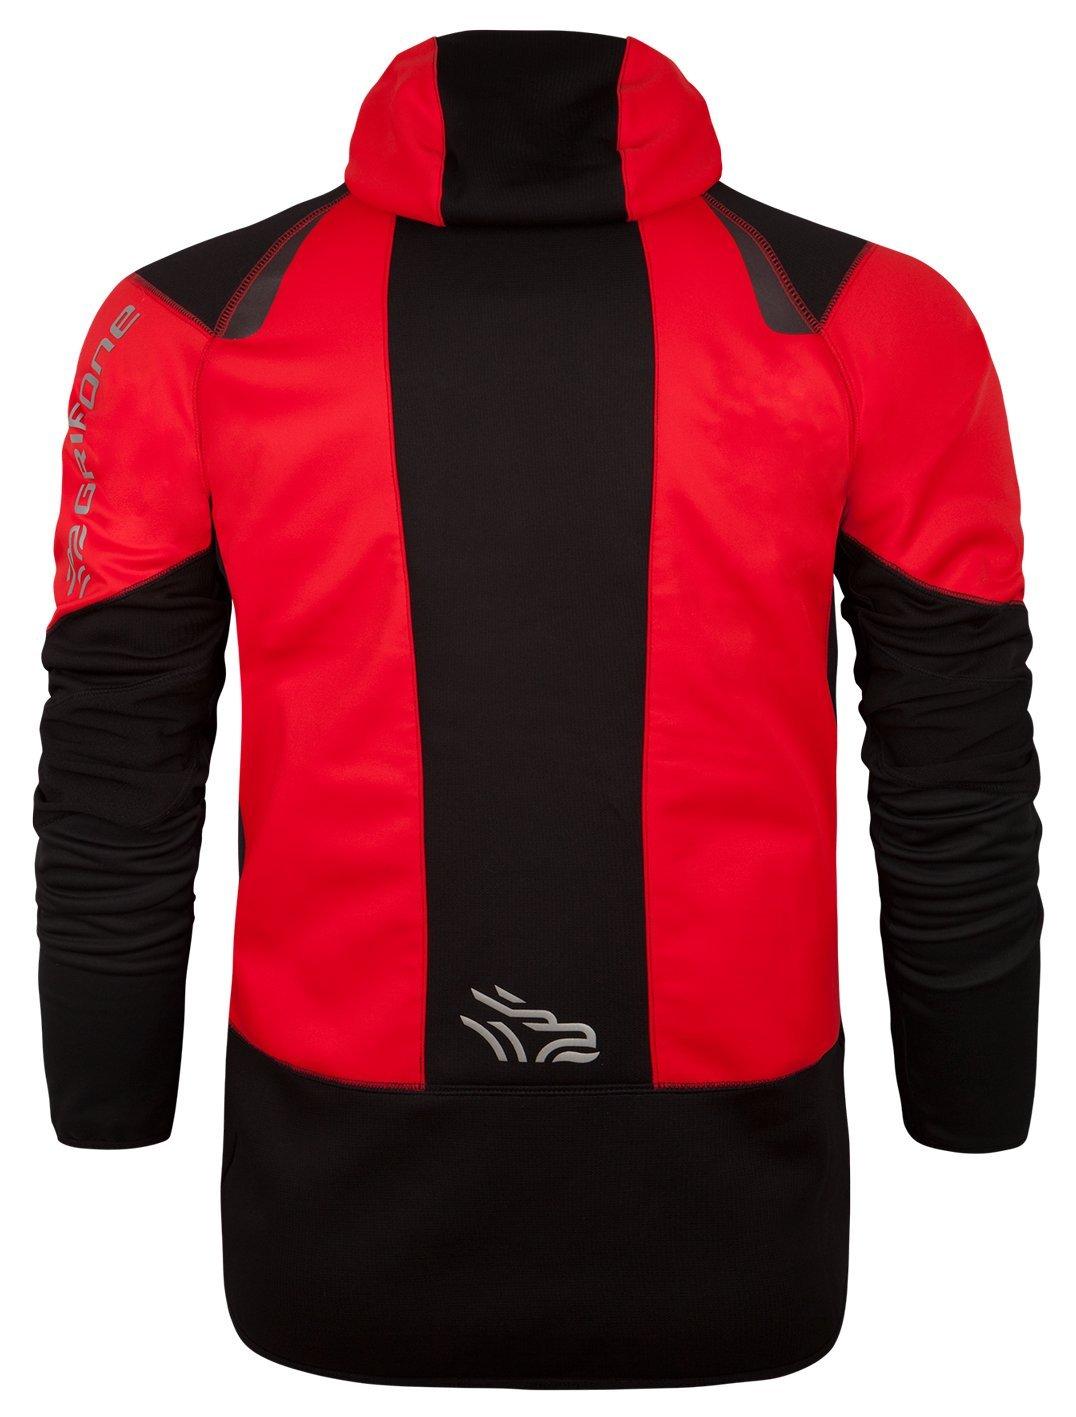 Grifone Bistra - Chaqueta para Hombre, Color Rojo, Talla XXL: Amazon.es: Deportes y aire libre